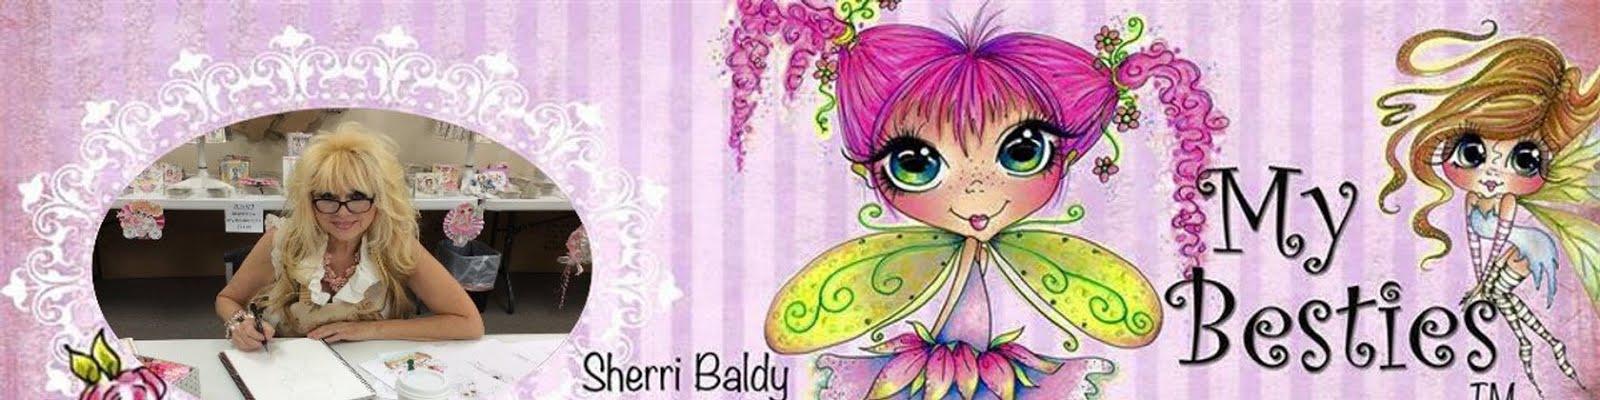 Shop Etsy - Sherri Baldy Art